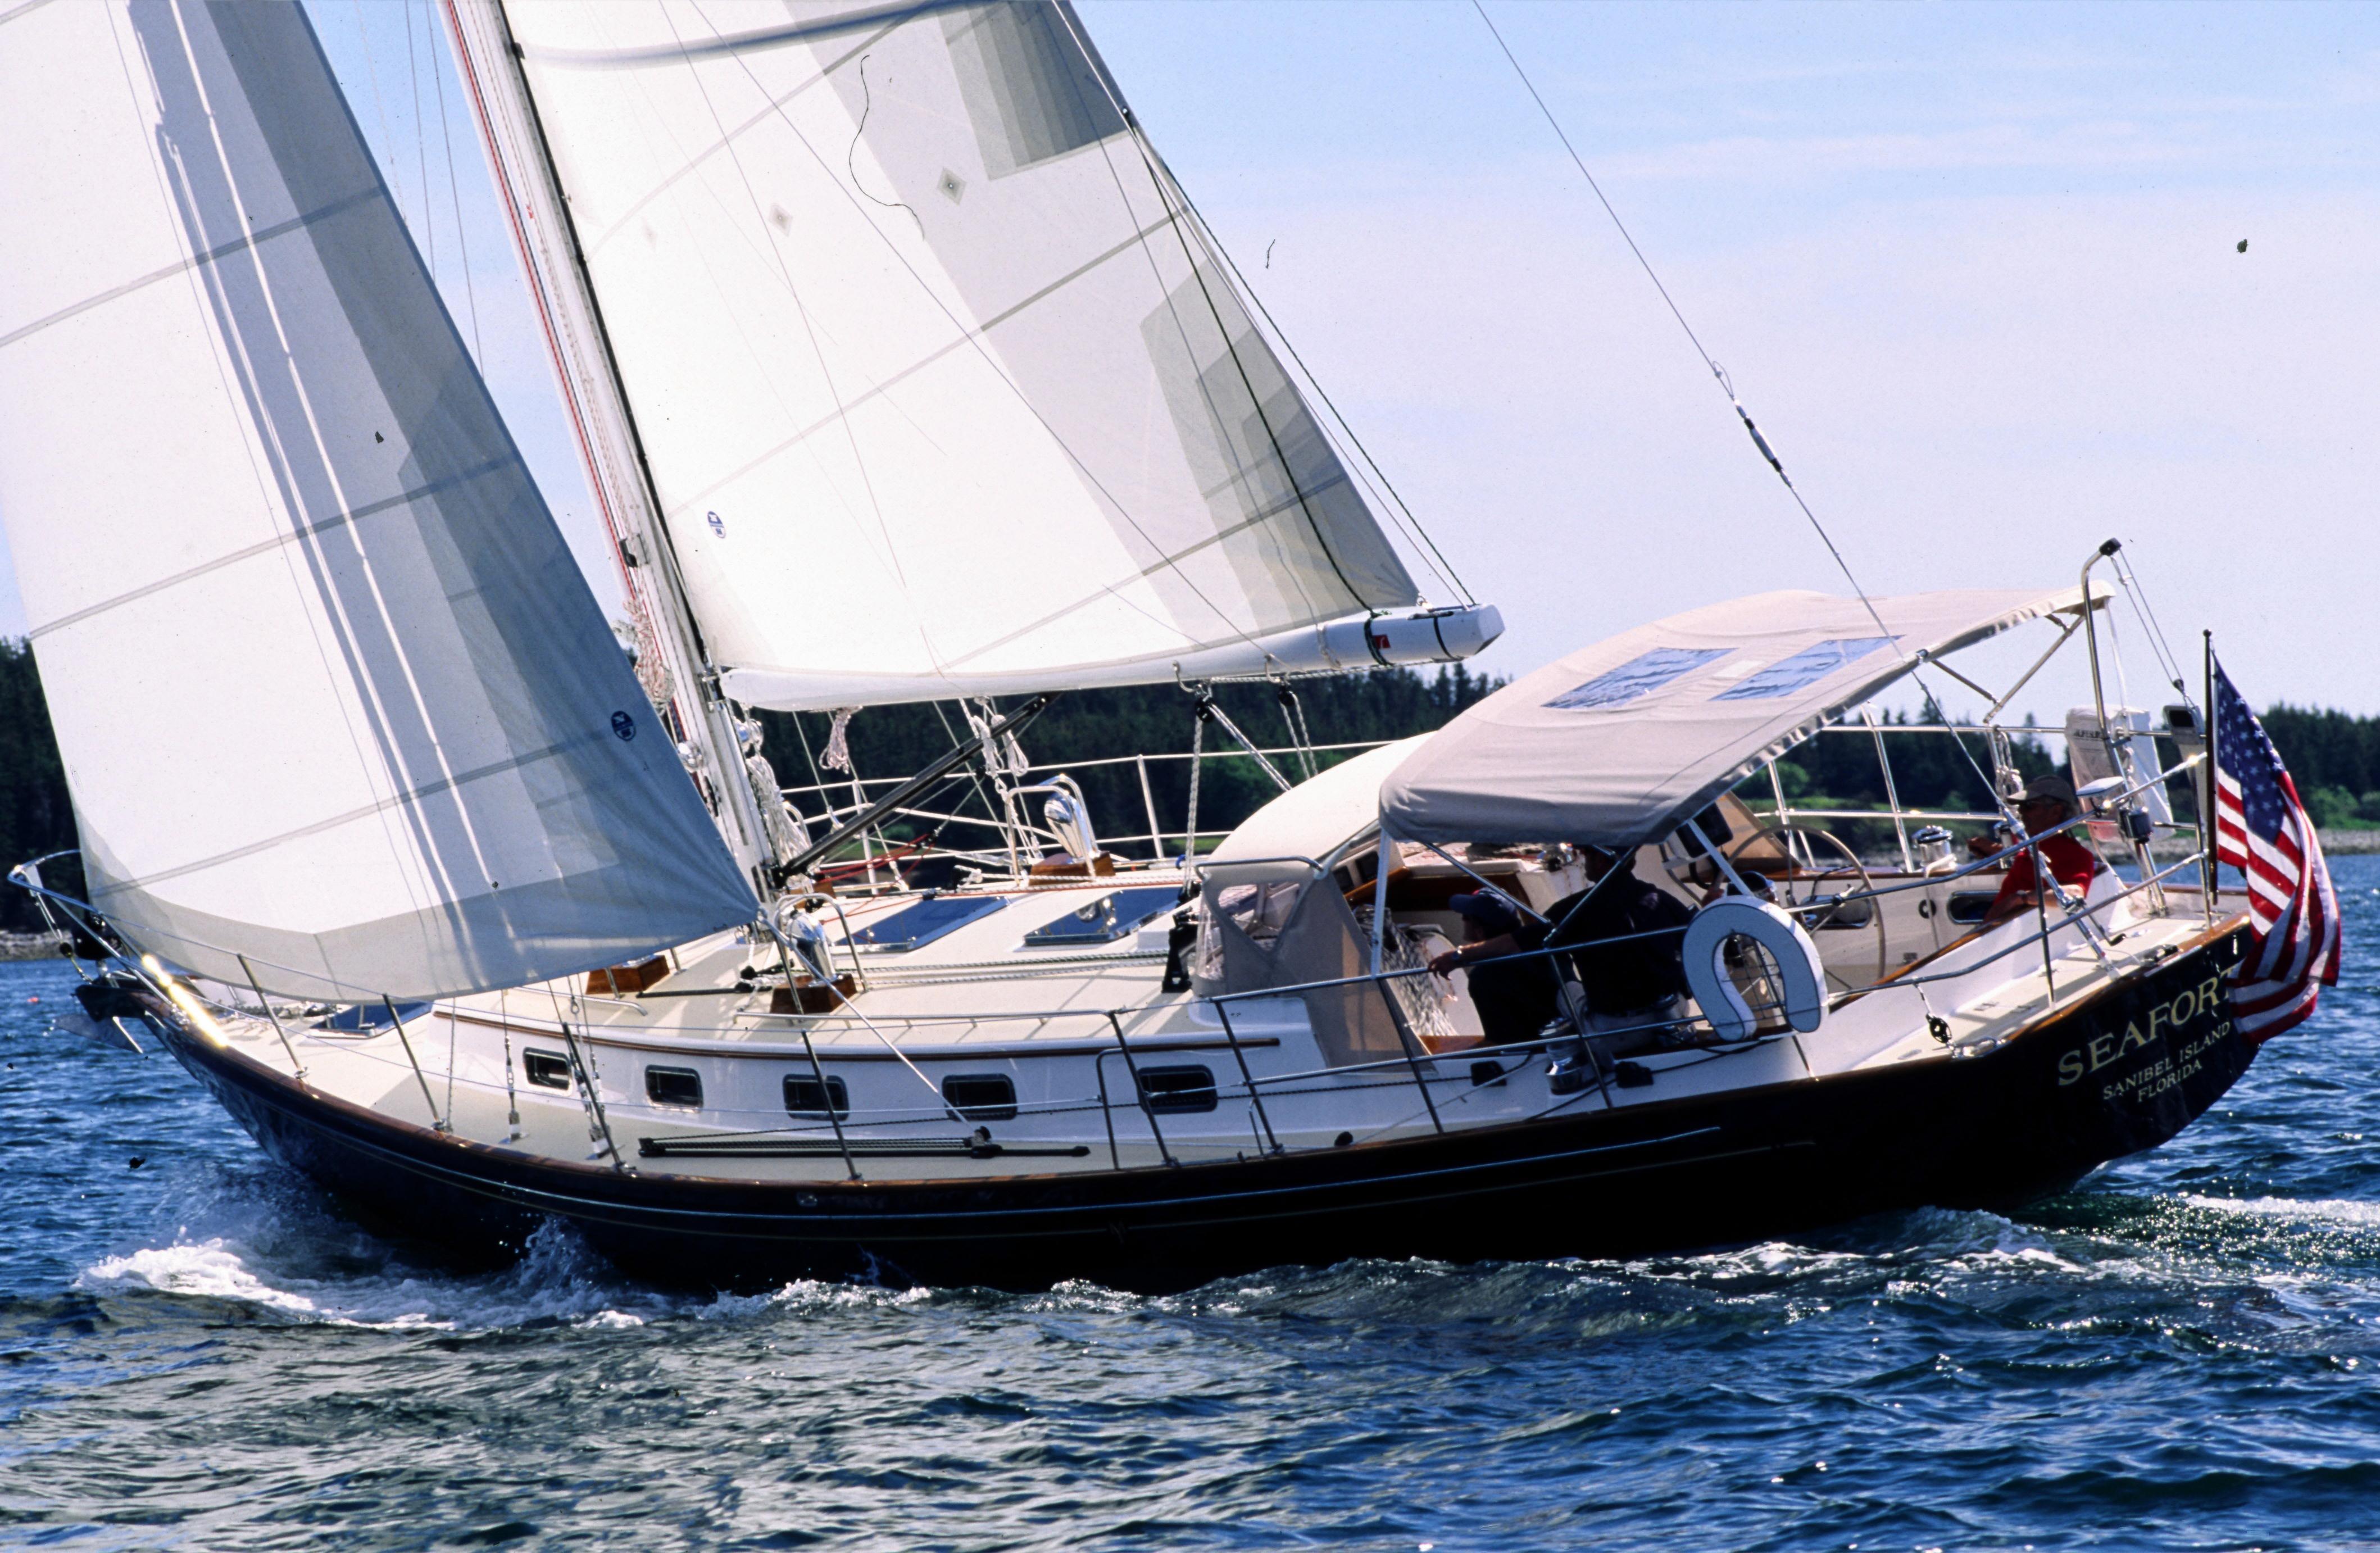 Morris Yachts Ocean Series 46, Bass Harbor, ME